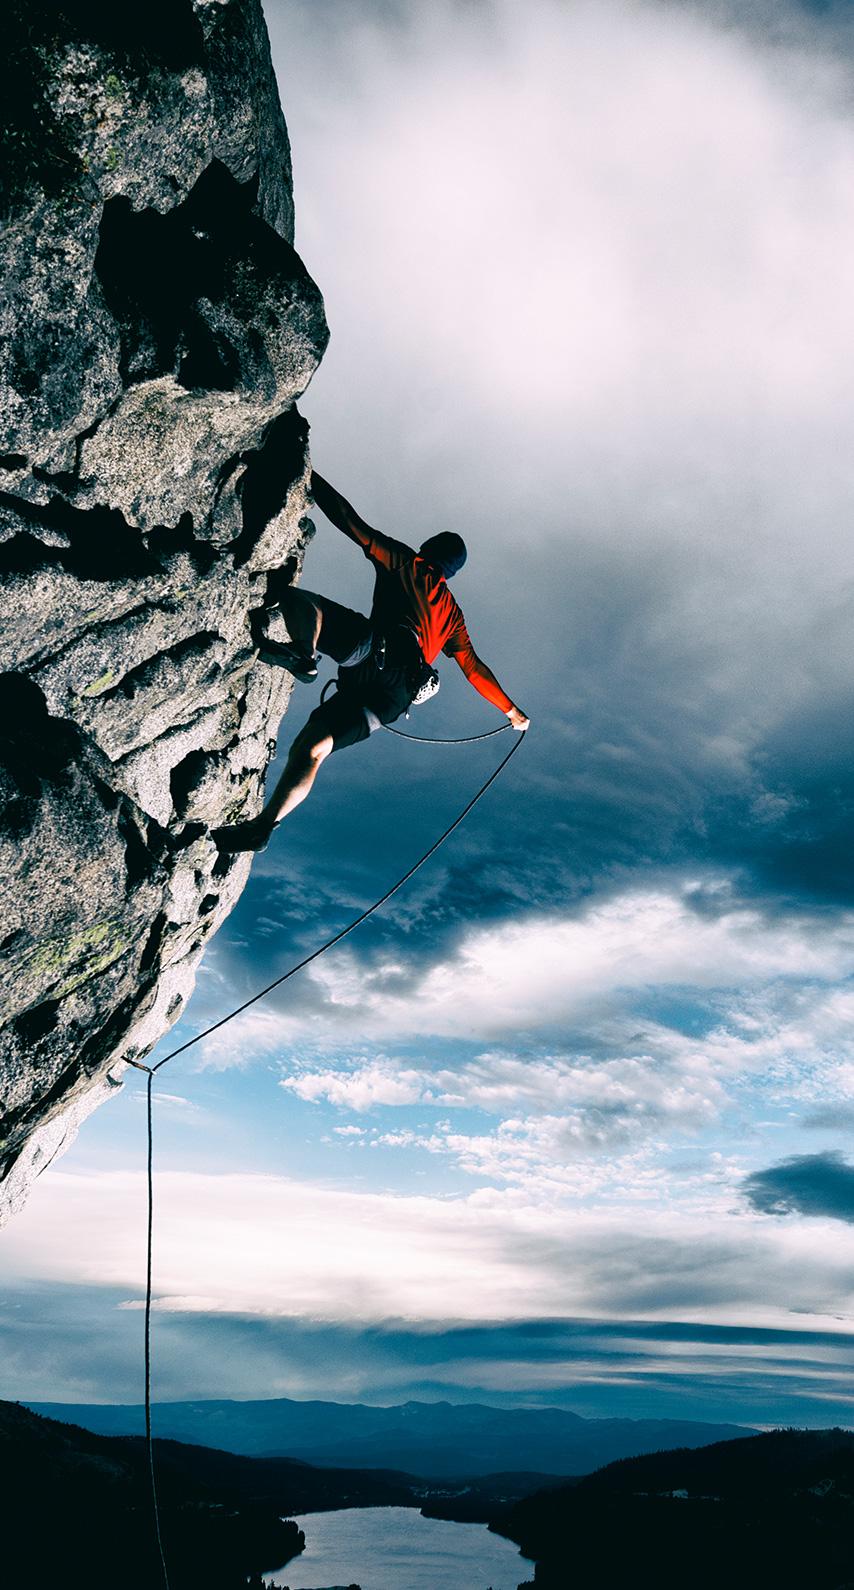 climbing, sport climbing